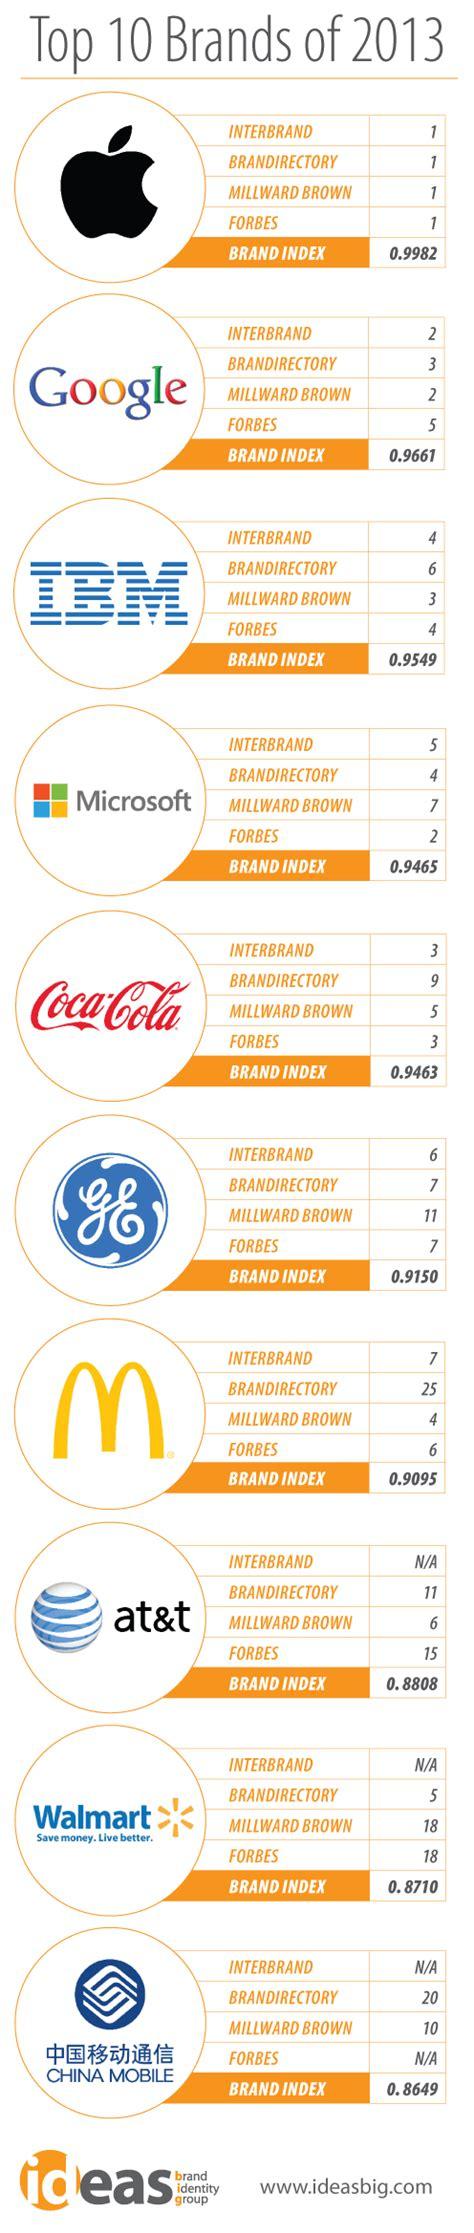 most popular teen brands 2014 top 10 global brands of 2013